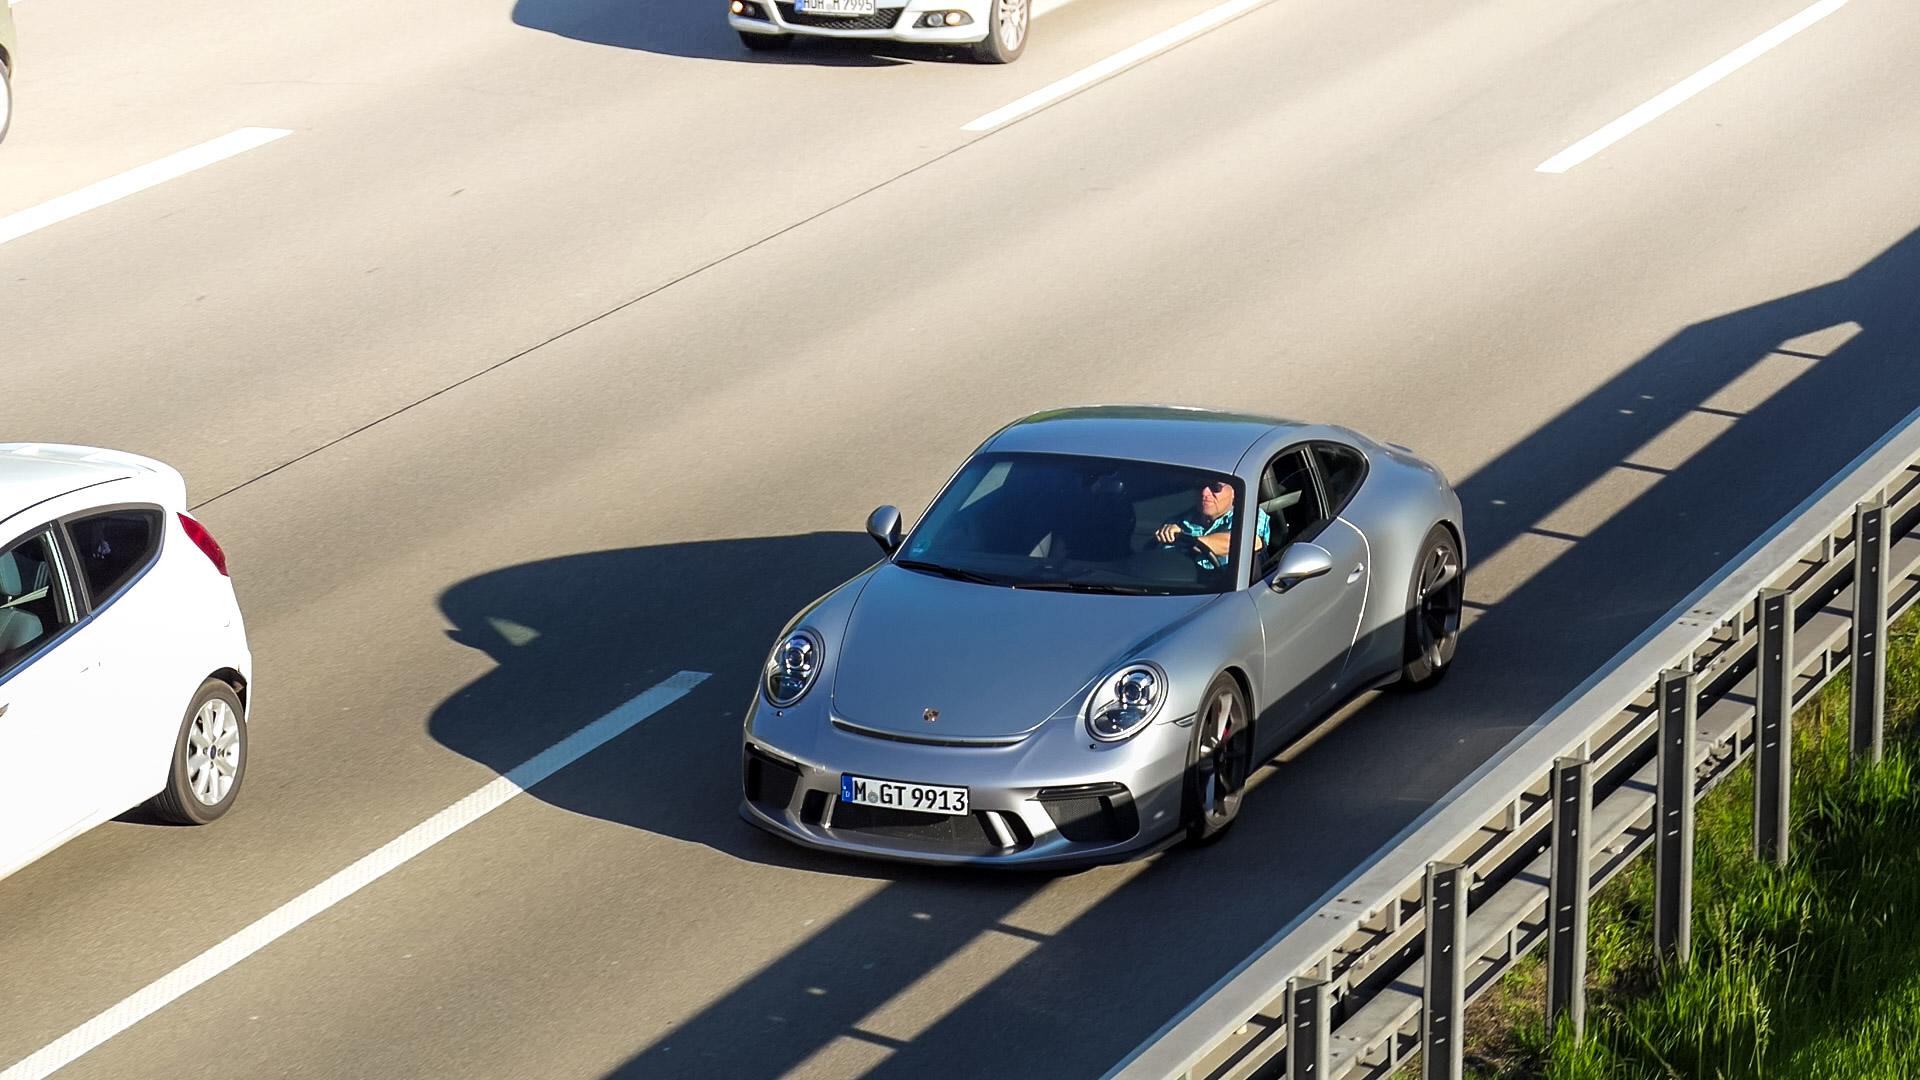 Porsche 991 GT3 Touring Package - M-GT-9913